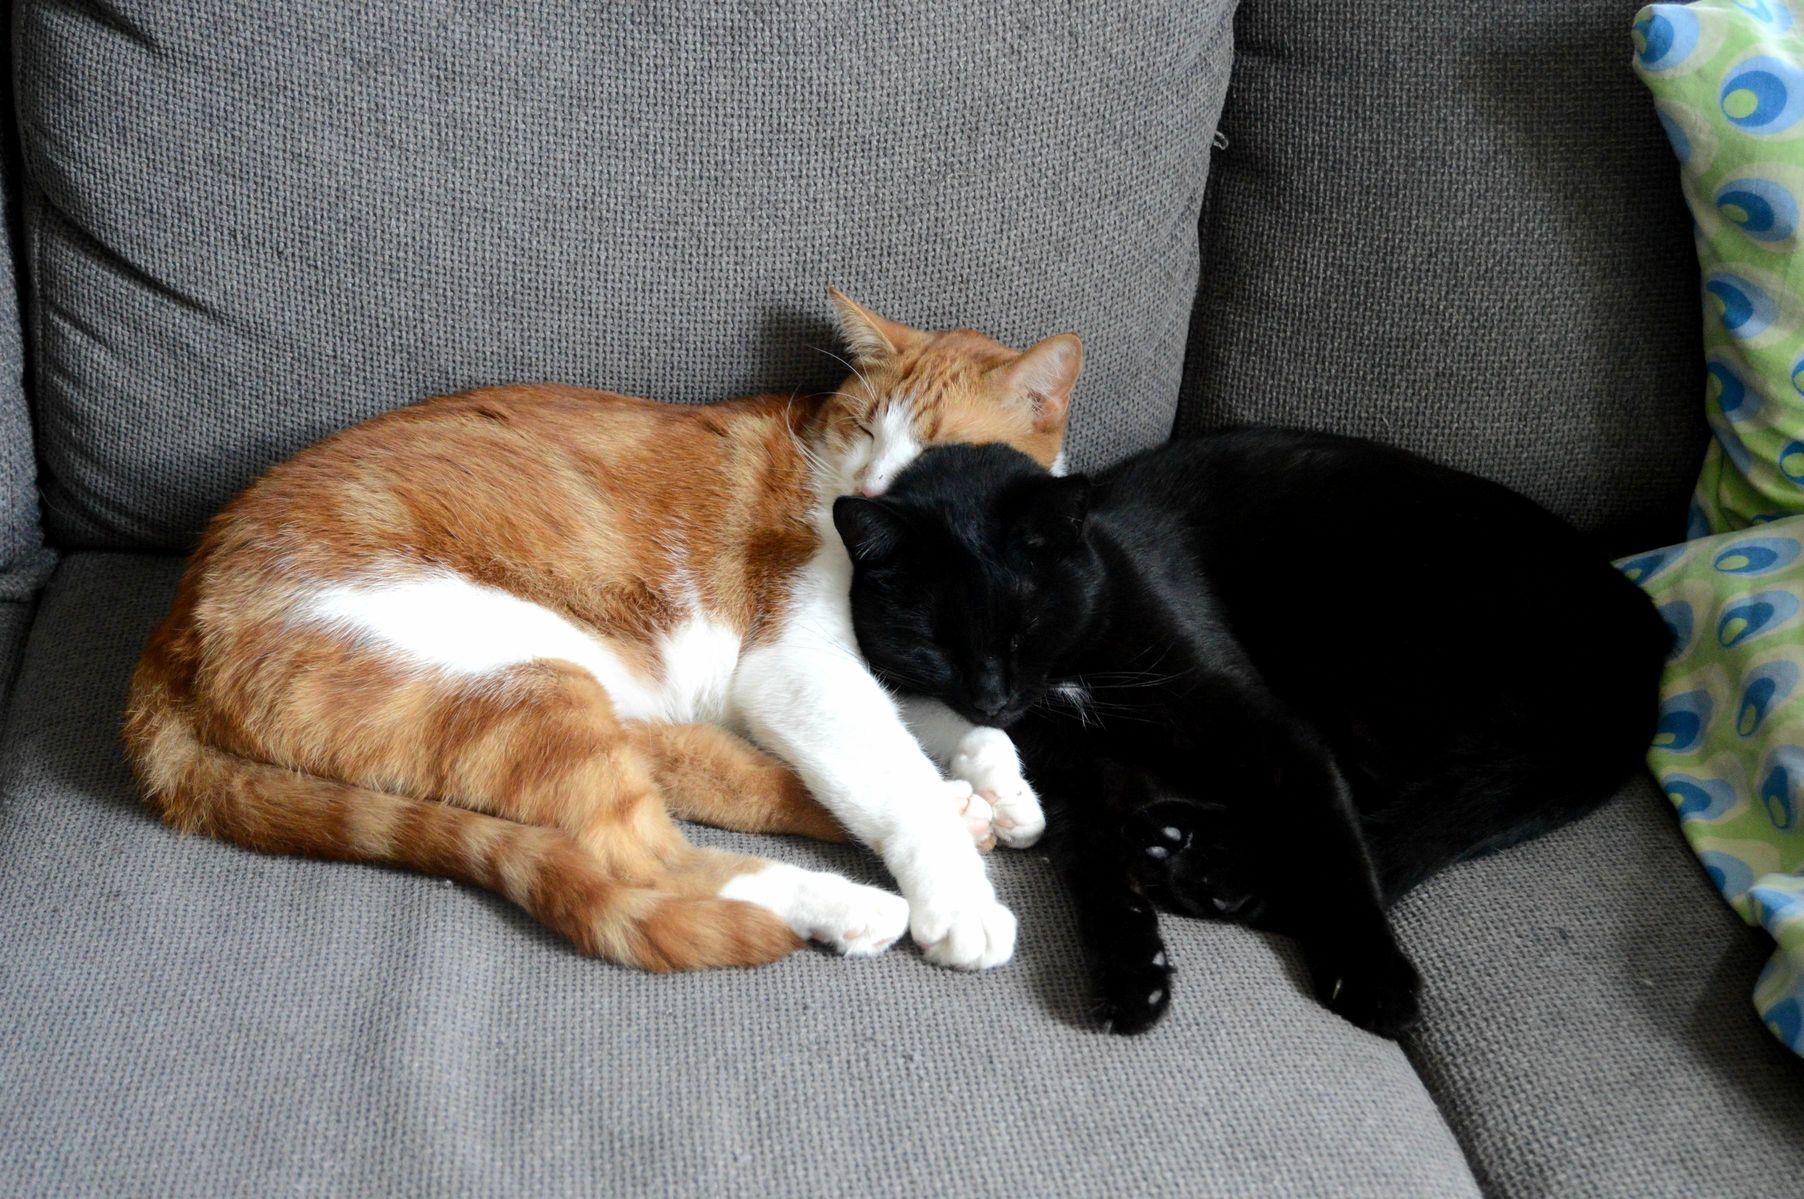 Cuddling together